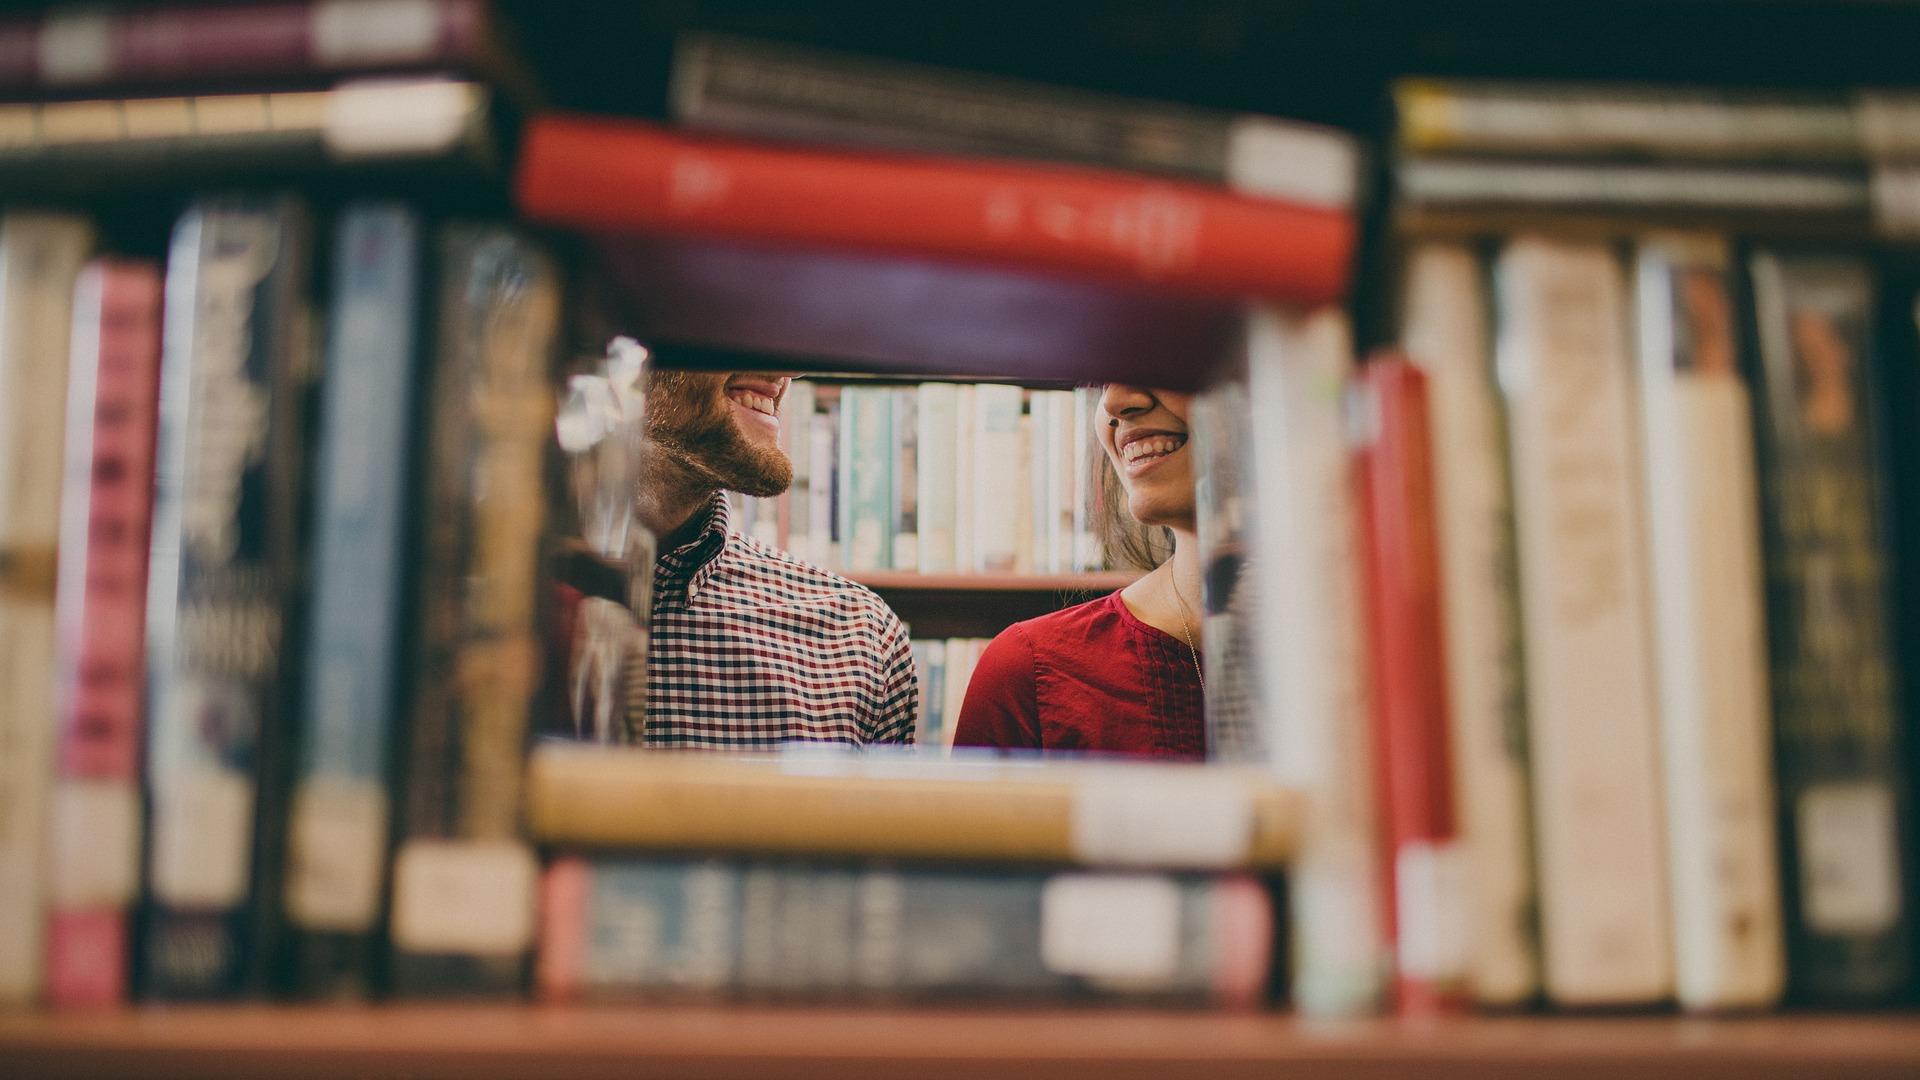 Na pierwszym planie książki na półce. W wolnej przestrzeni między książkami widoczny fragment uśmiechniętej kobiety i mężczyzny.